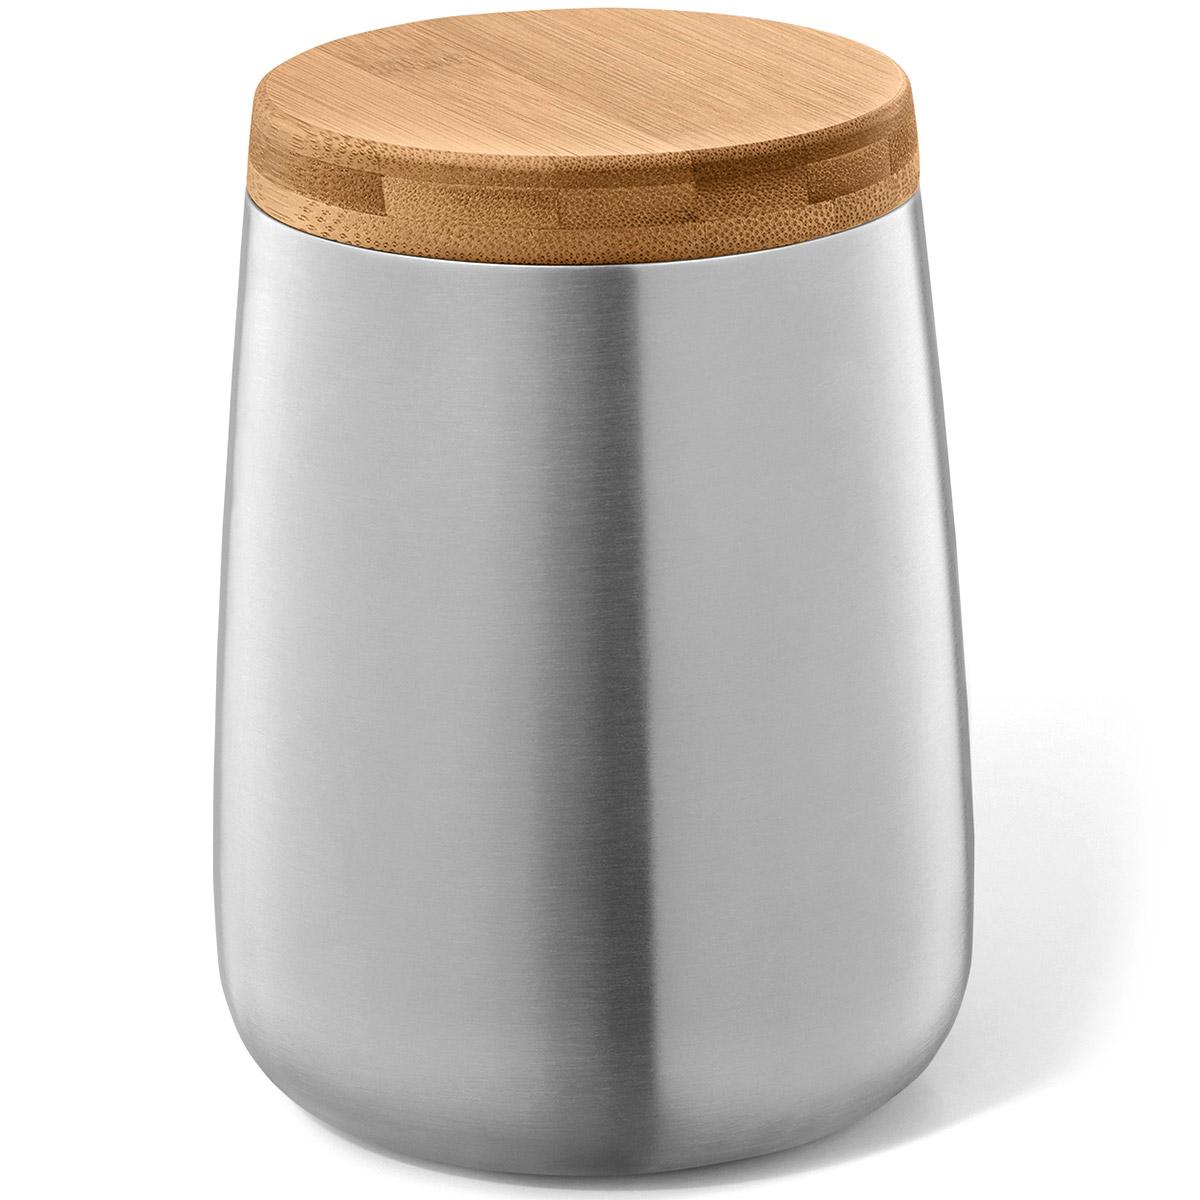 Pojemnik Kuchenny Z Bambusową Pokrywką Bevo Zack